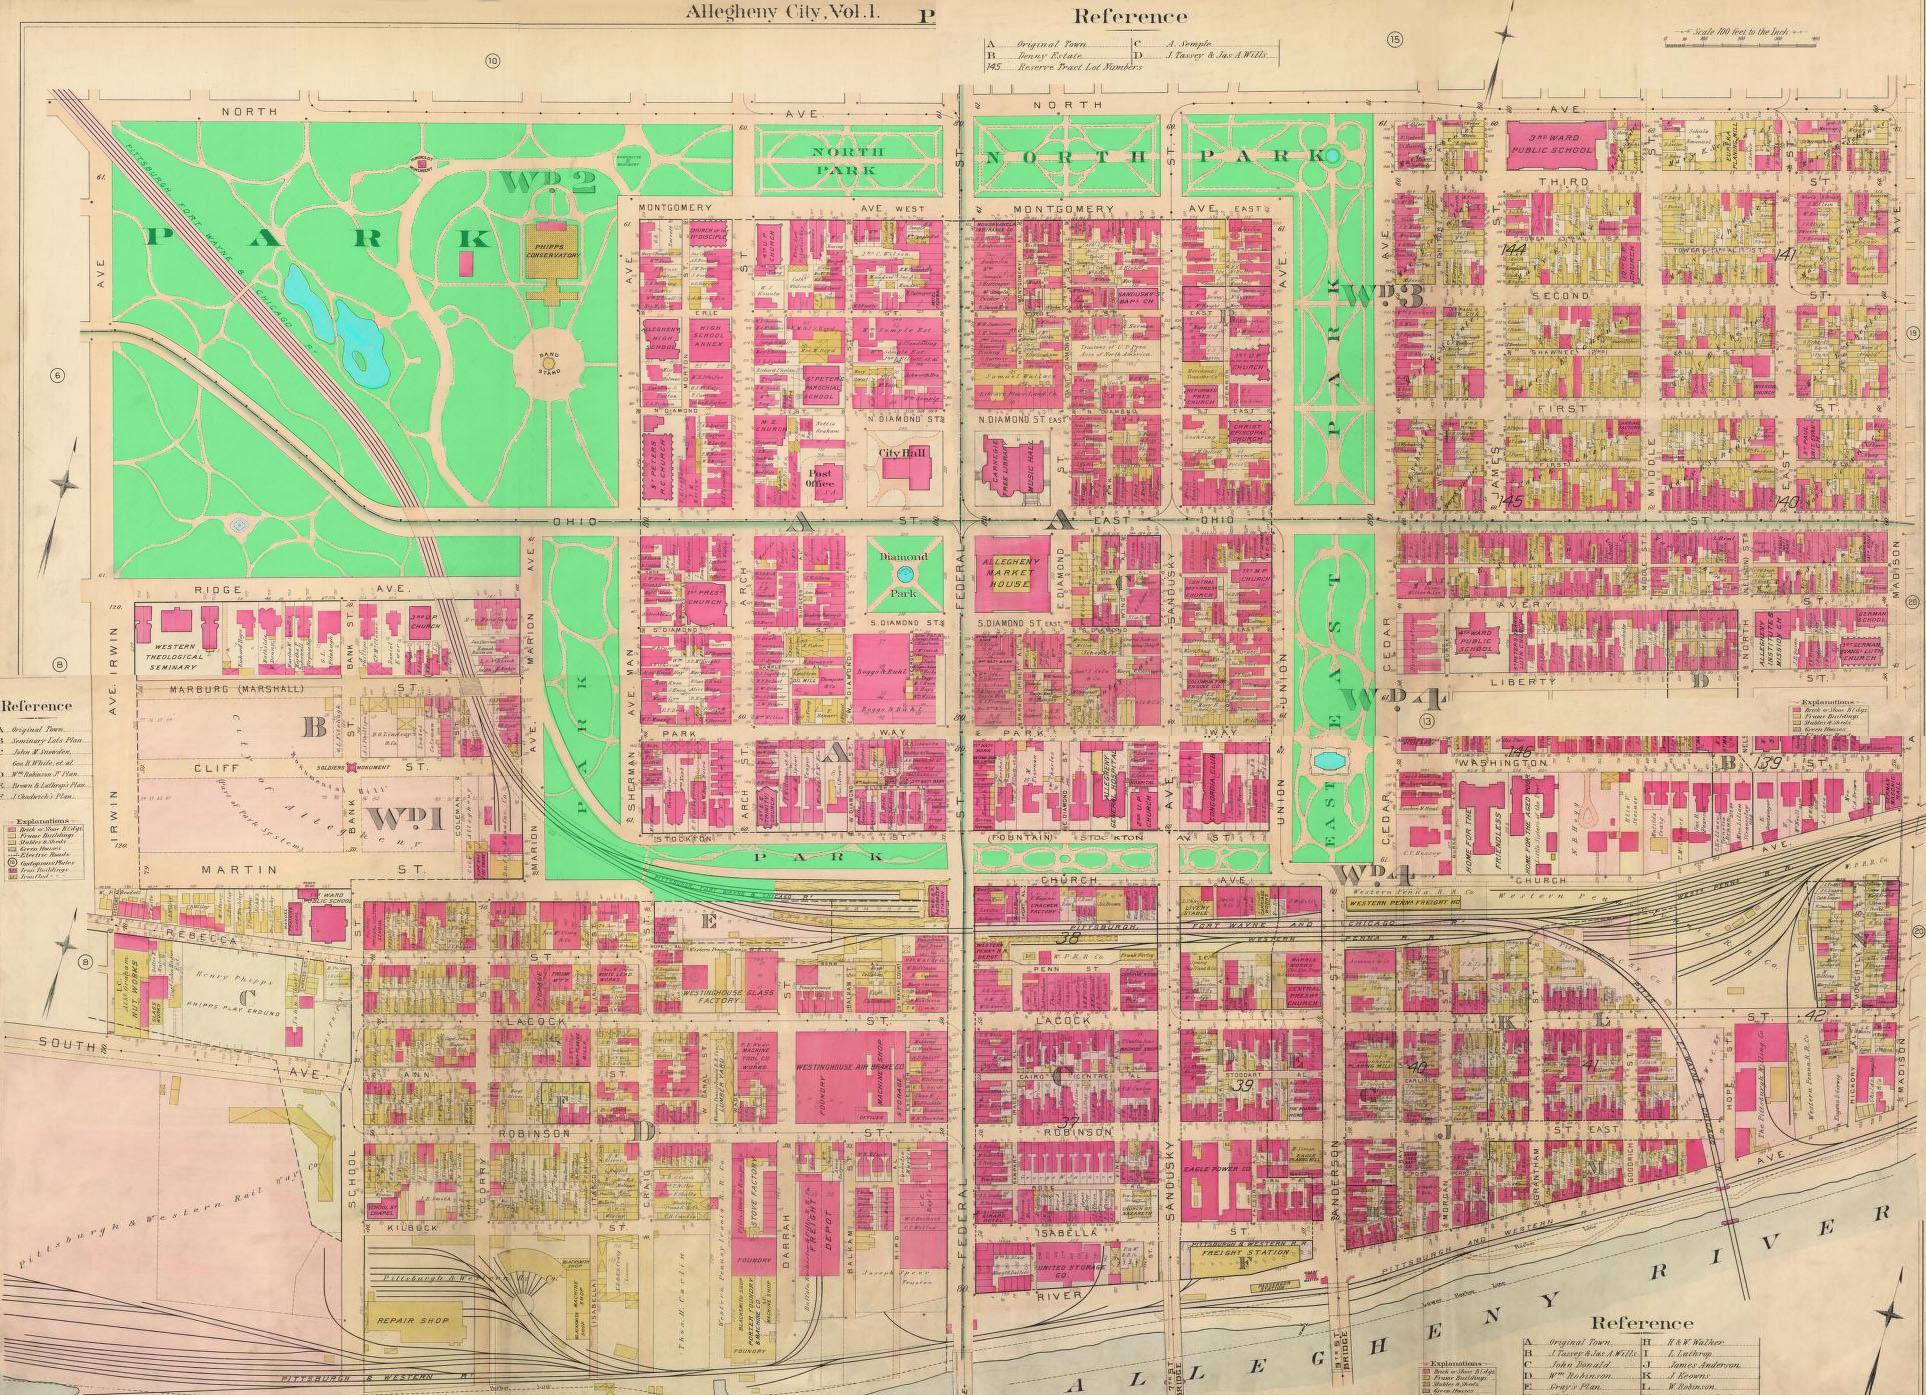 Maps: Allegheny City Society